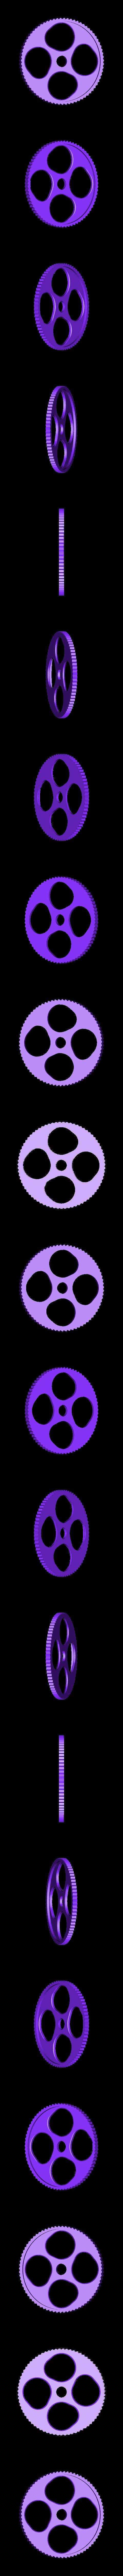 Spinner.stl Télécharger fichier STL gratuit US Coin Sorter V2.0 • Design imprimable en 3D, PentlandDesigns